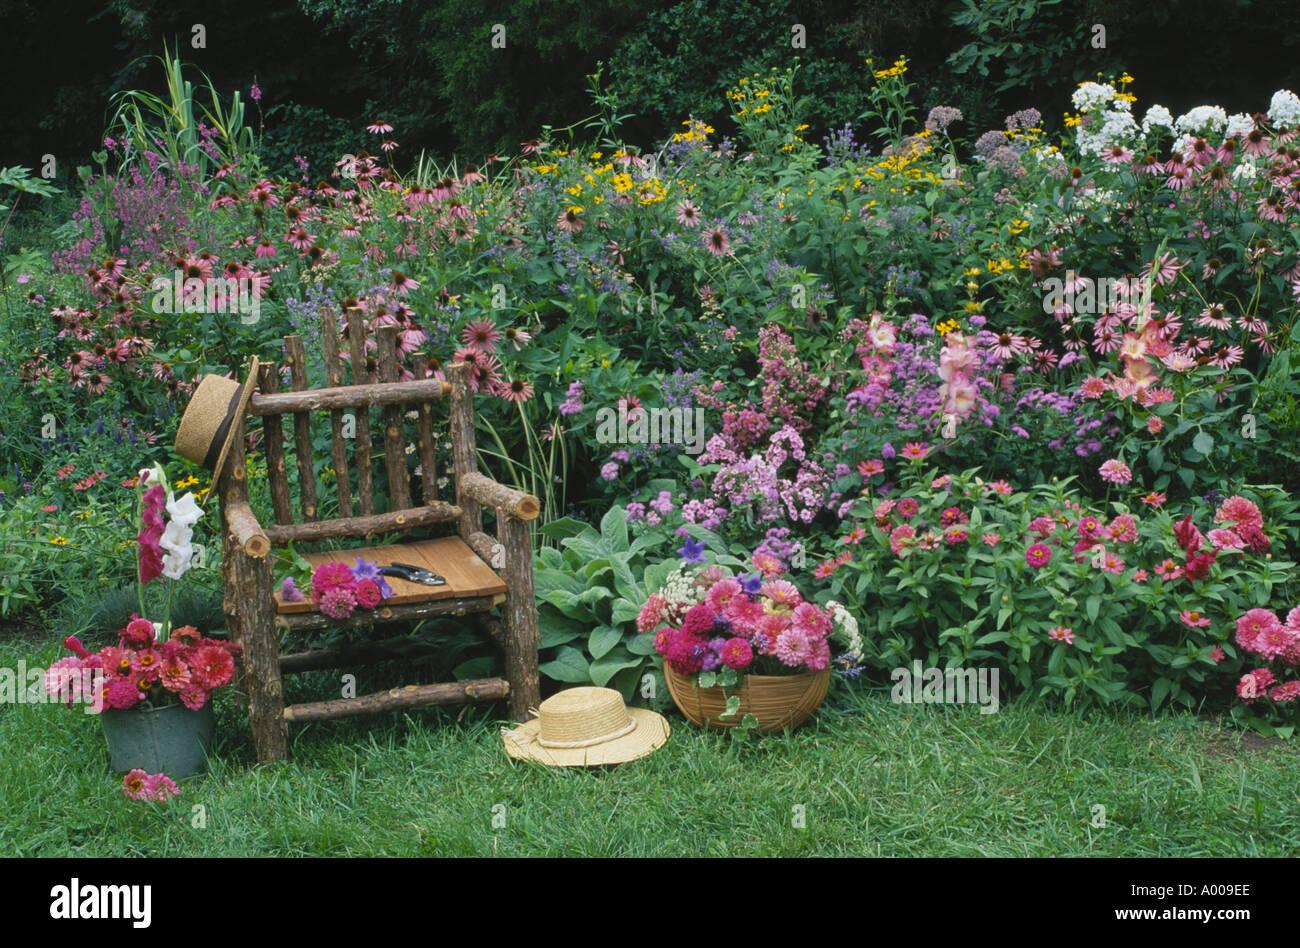 Romantischer garten rustikale stuhl im hause blumengarten von rosa und rot mit 2 h te seine - Romantischer garten ...